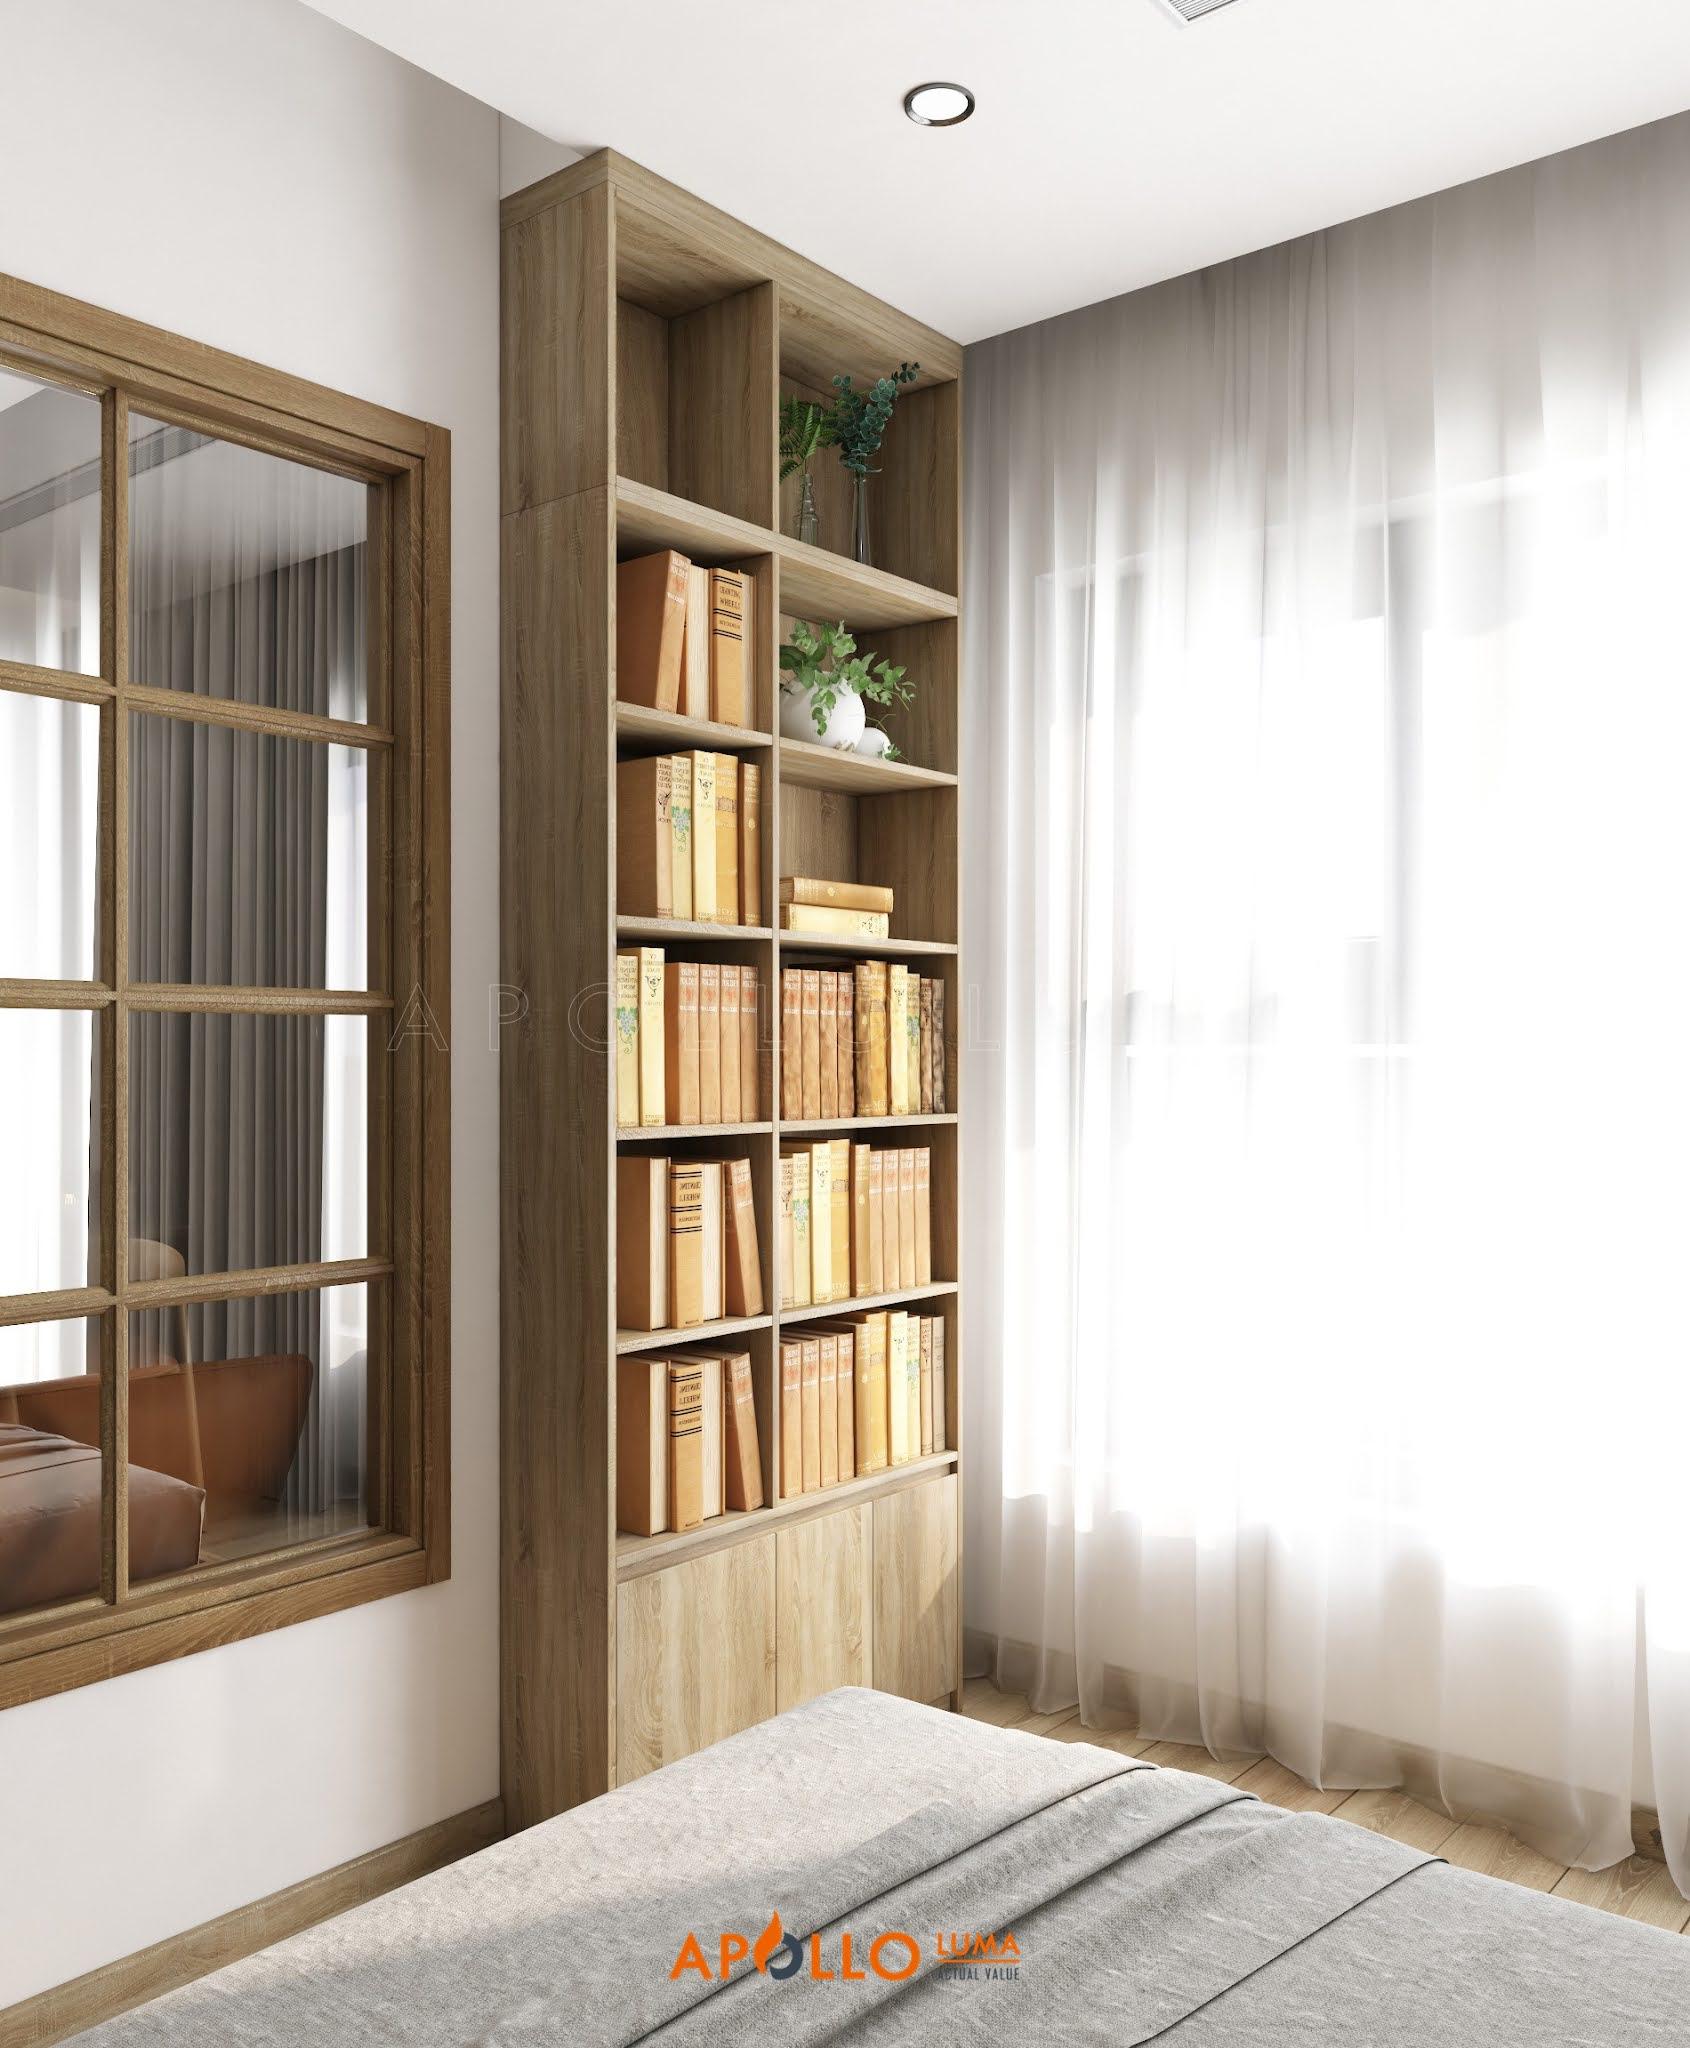 Thiết kế nội thất căn 2 phòng ngủ Vinhomes Smart City Tây Mỗ